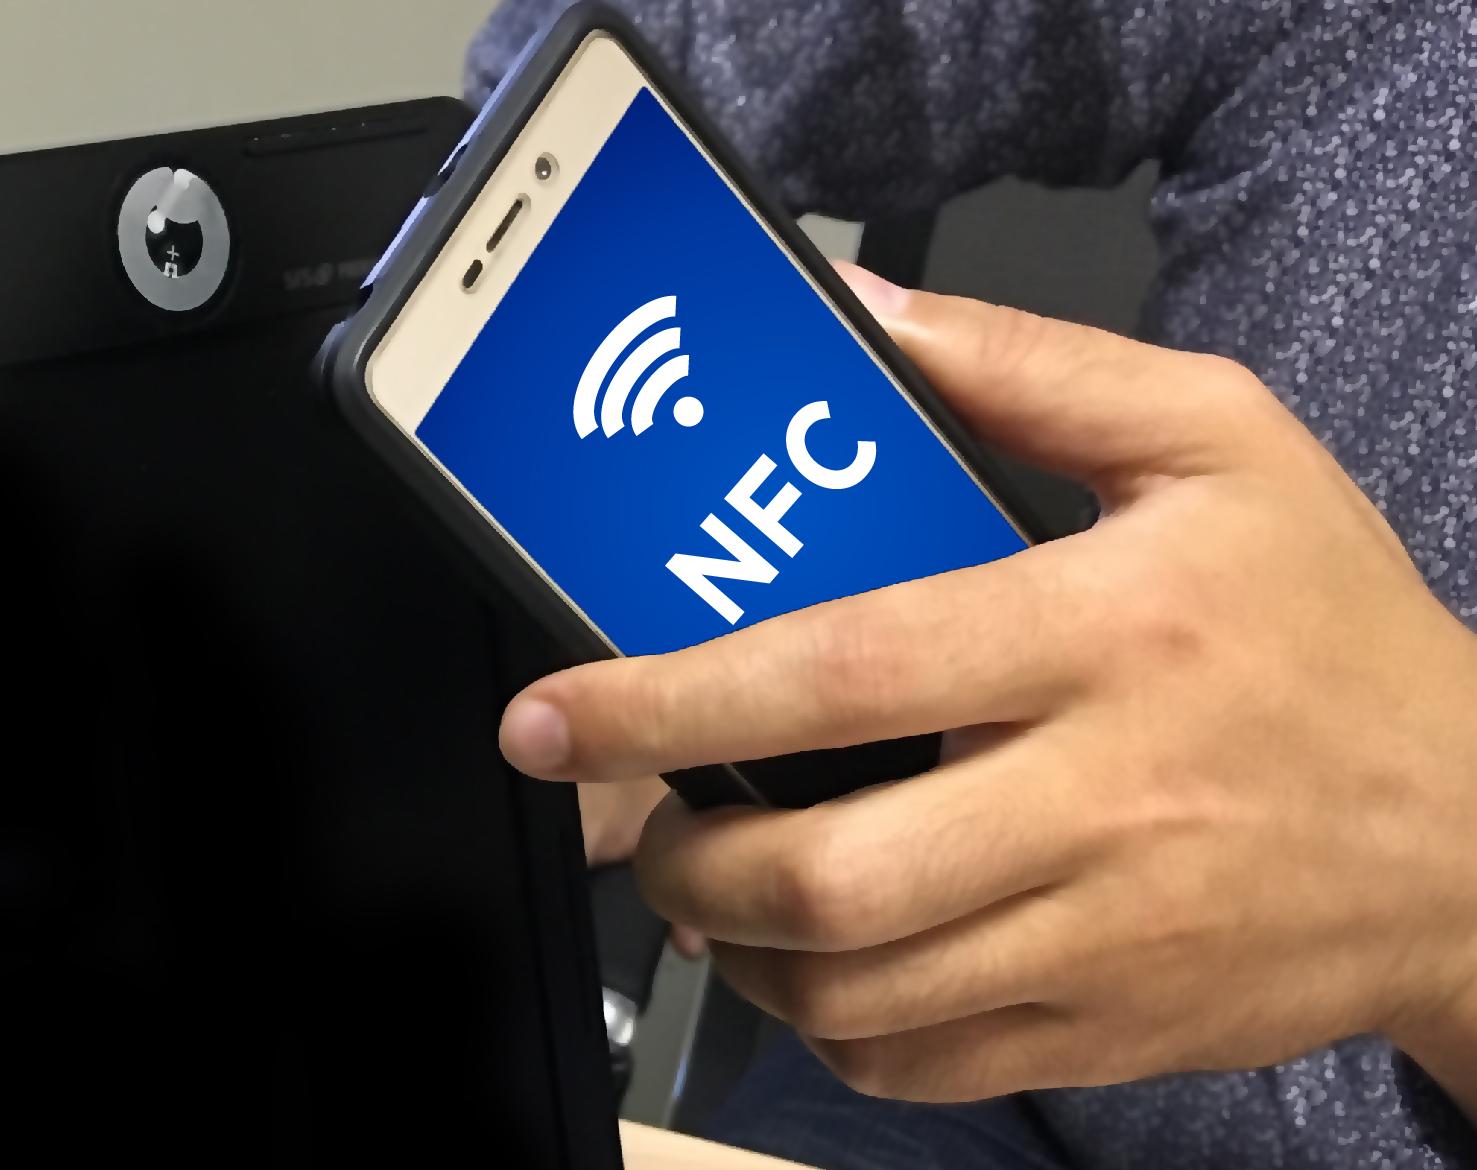 технология беспроводной передачи данных NFC